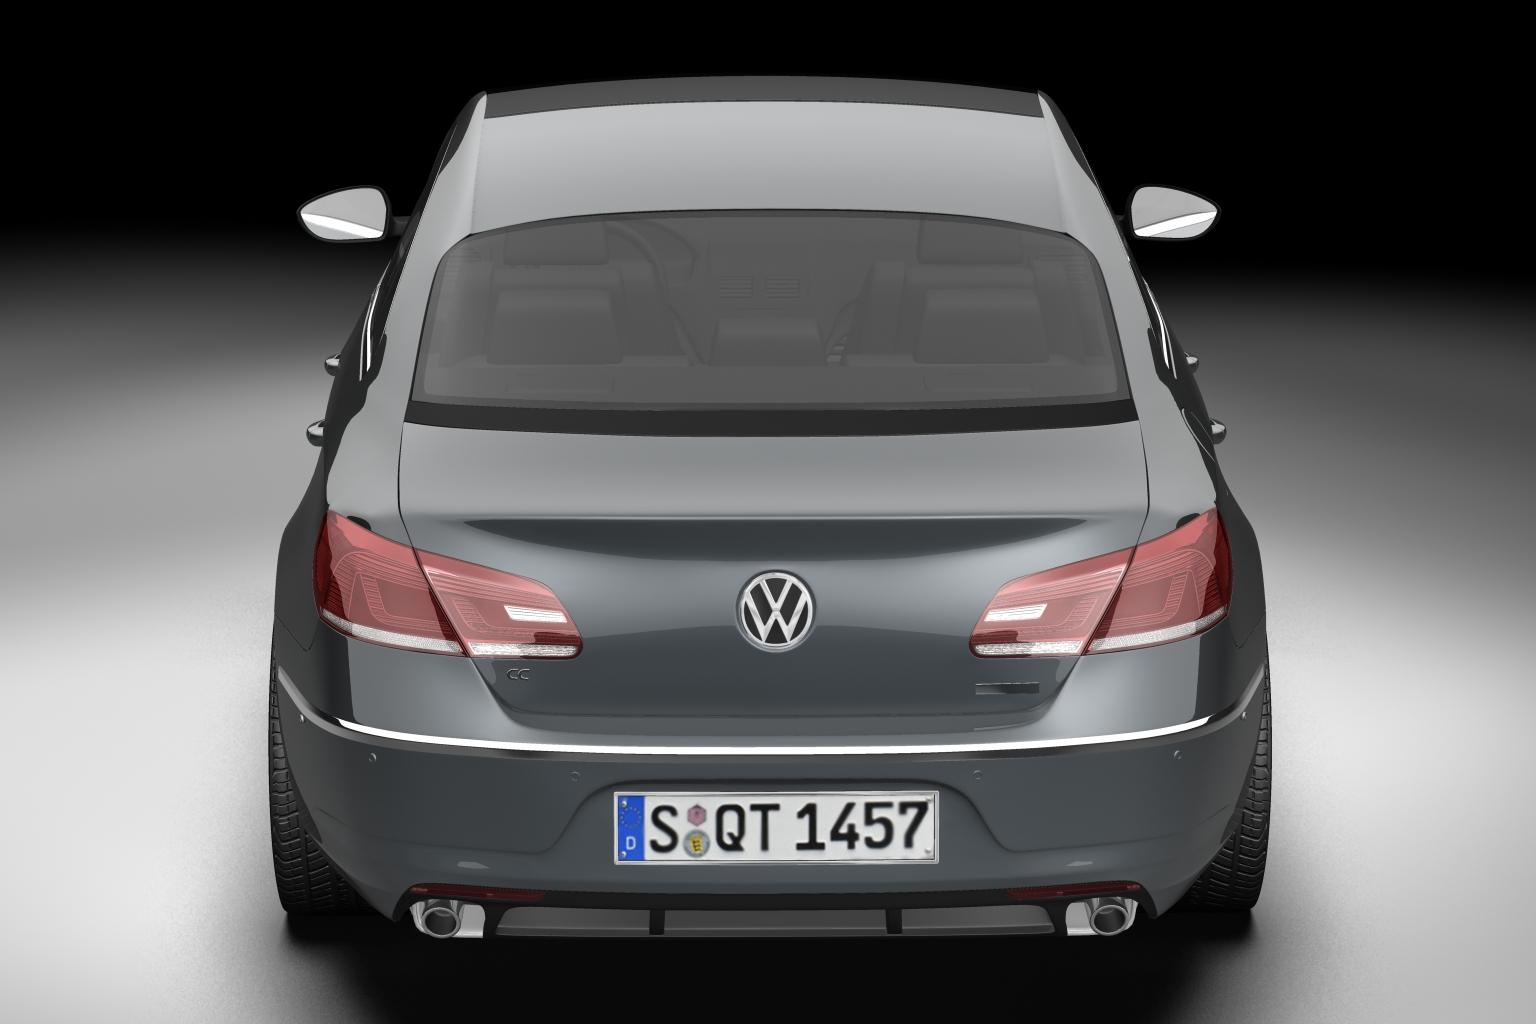 2013 volkswagen cc 3d model 3ds max fbx c4d lwo hrc xsi obj 136218